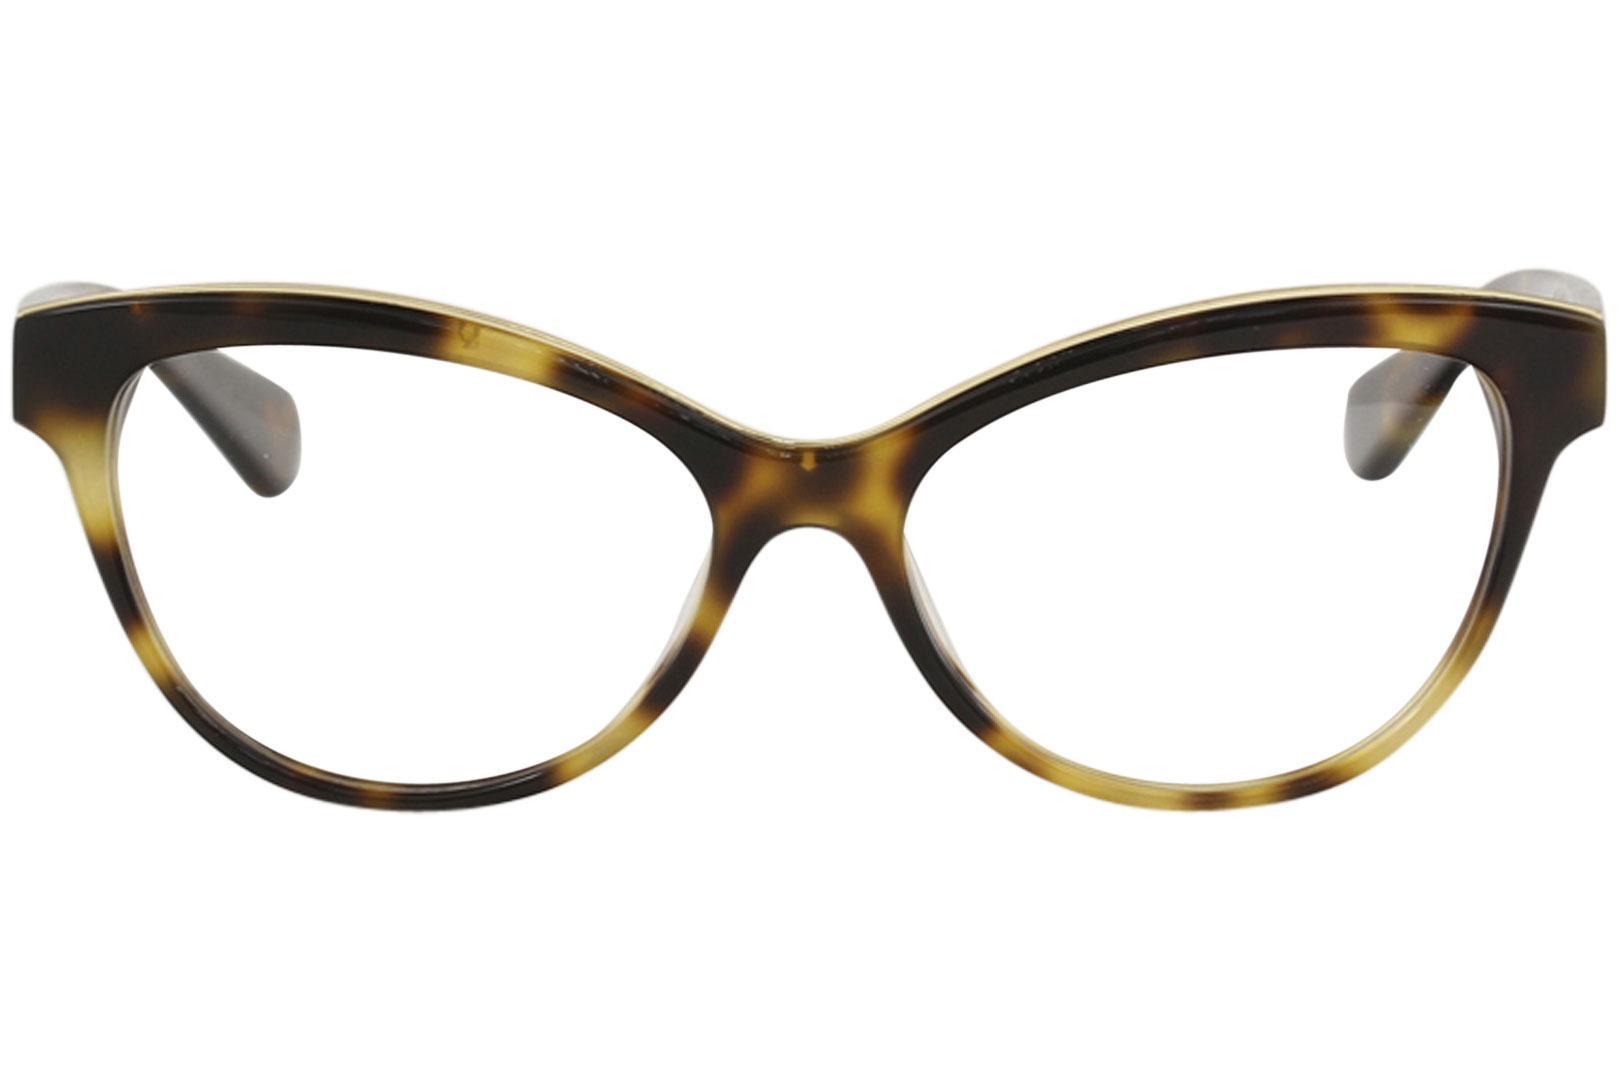 41da5e6231 Zac Posen Women s Eyeglasses Jayce Full Rim Optical Frame